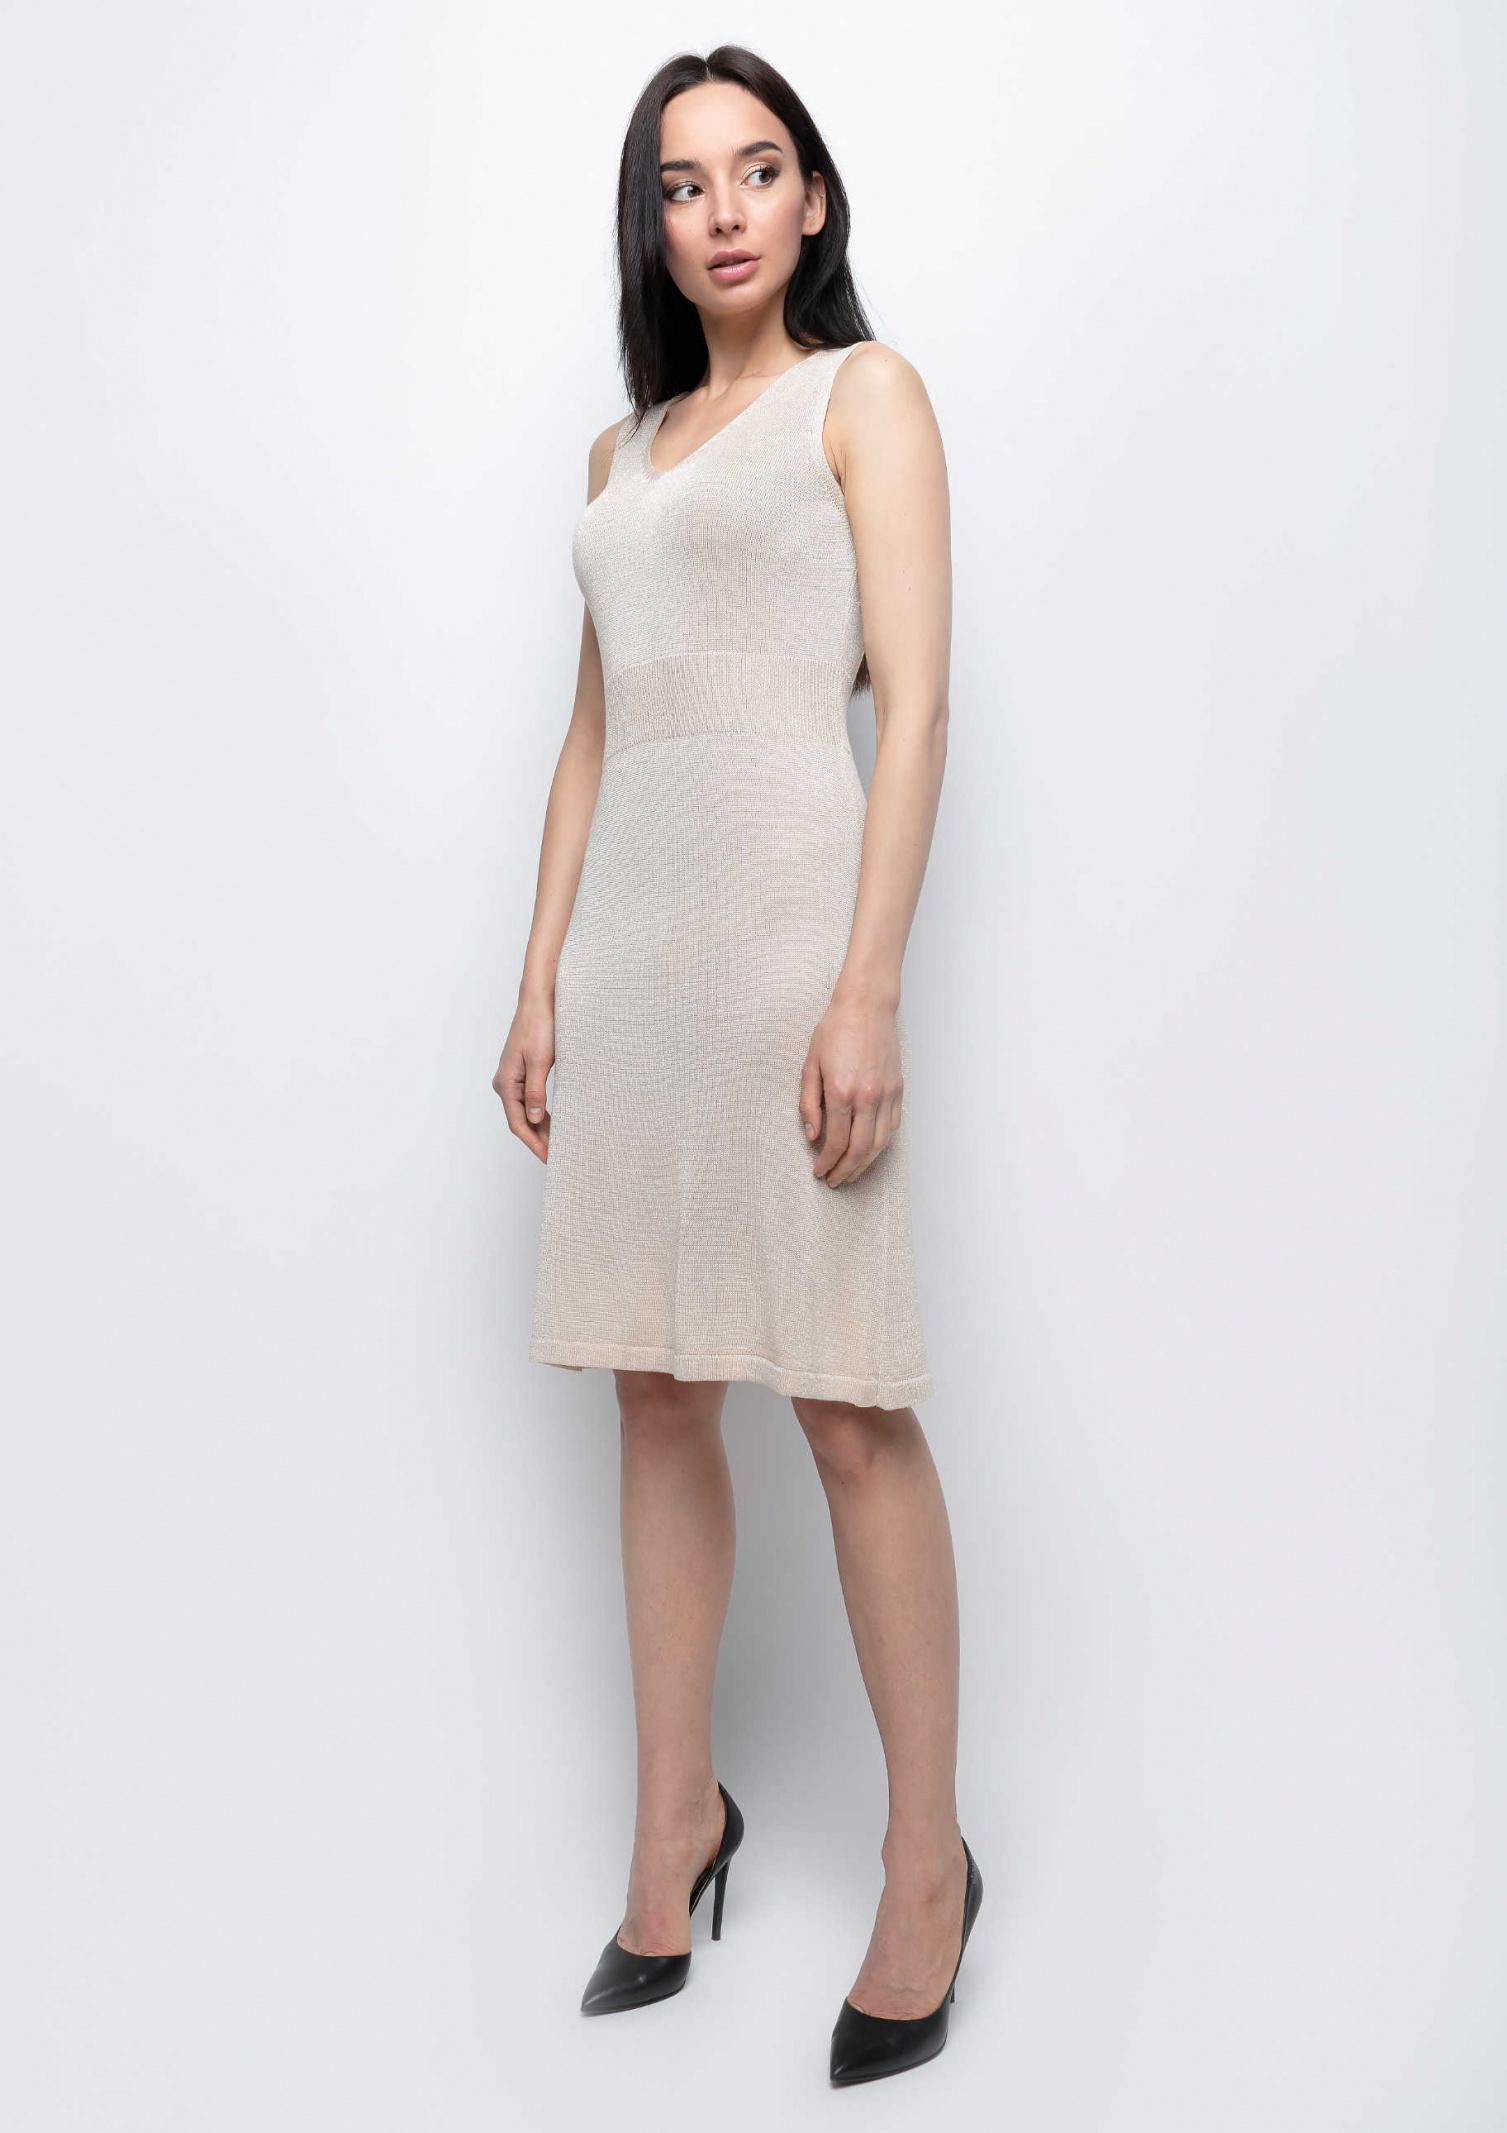 Samange Сукня жіночі модель 590-GIG_16 купити, 2017